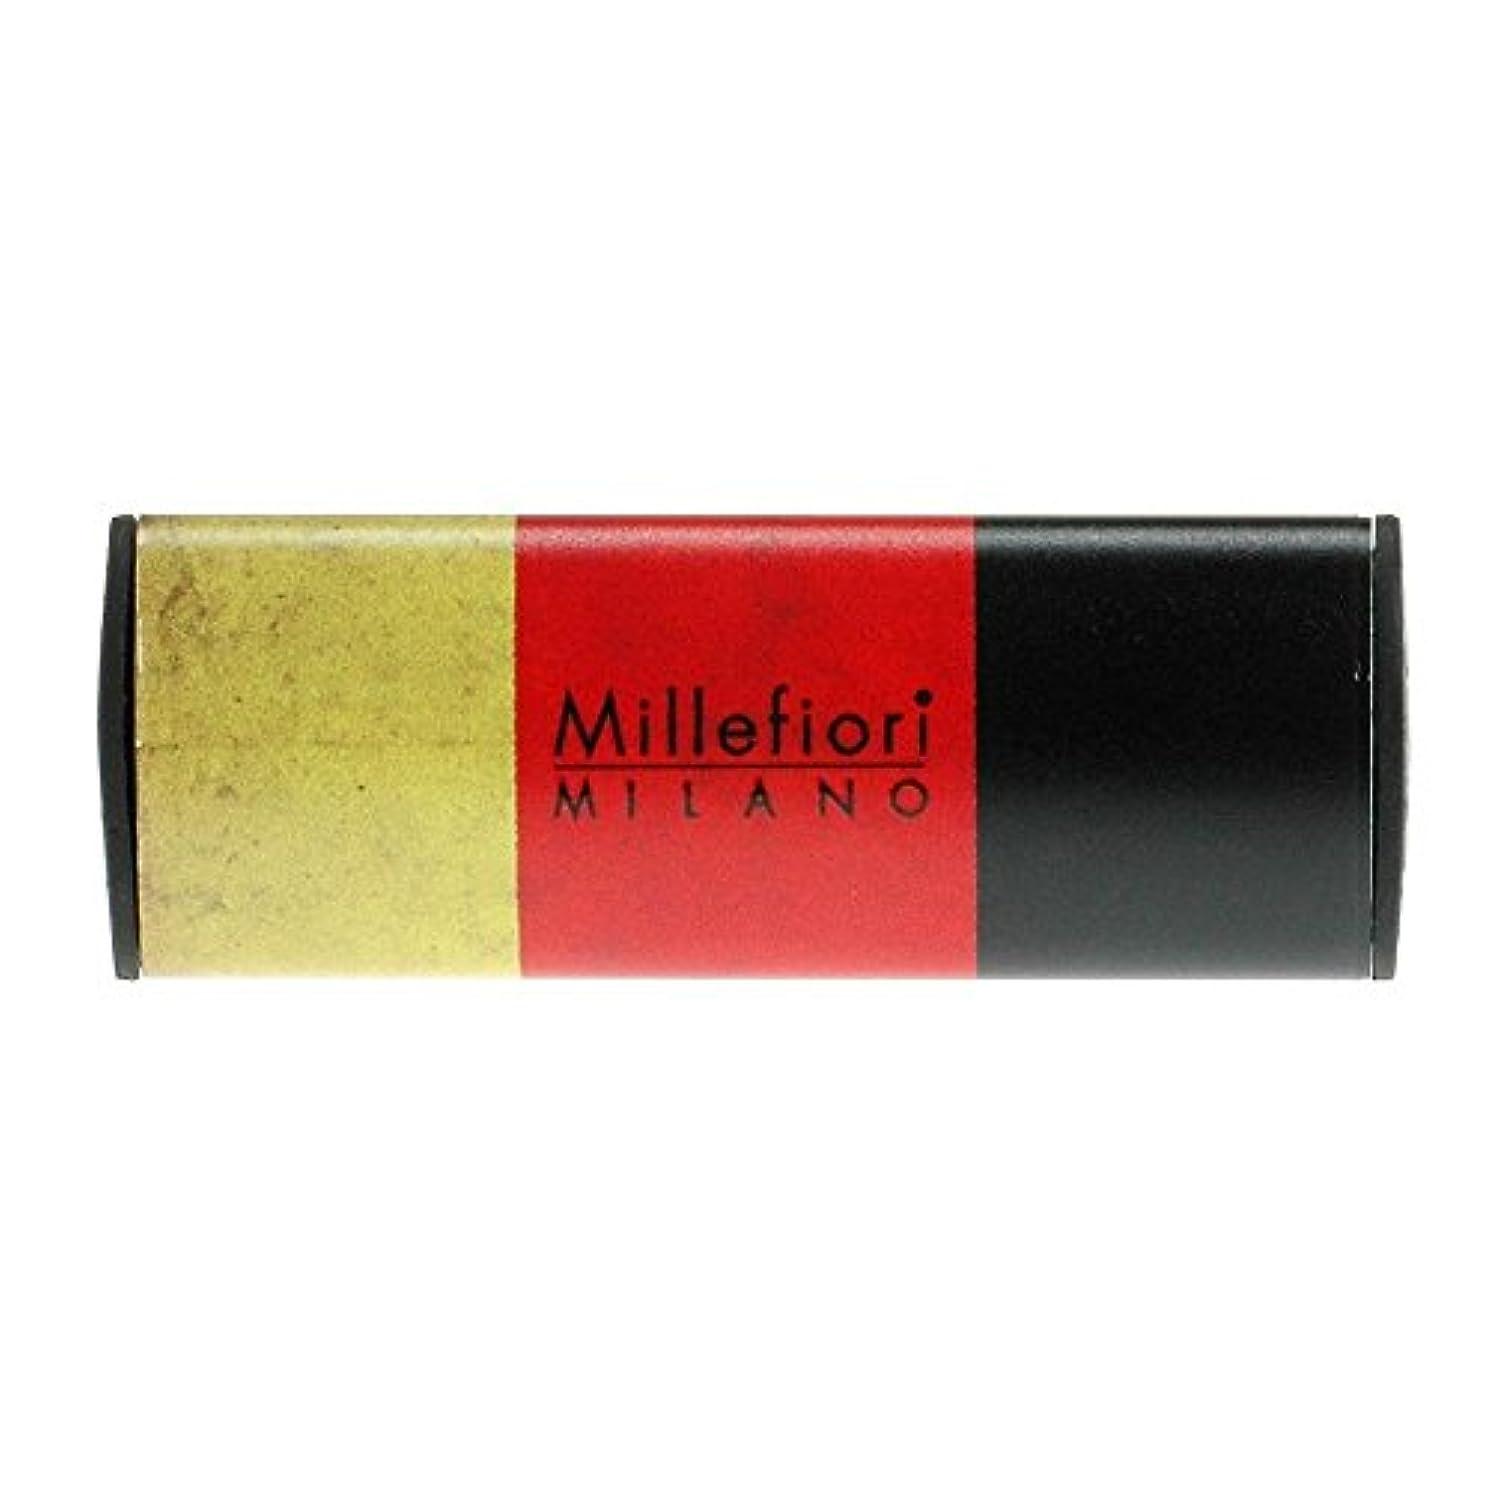 無声で疲れた聴覚Millefiori カーエアフレッシュナー FLAG スパイシーウッド CDIF-G-003